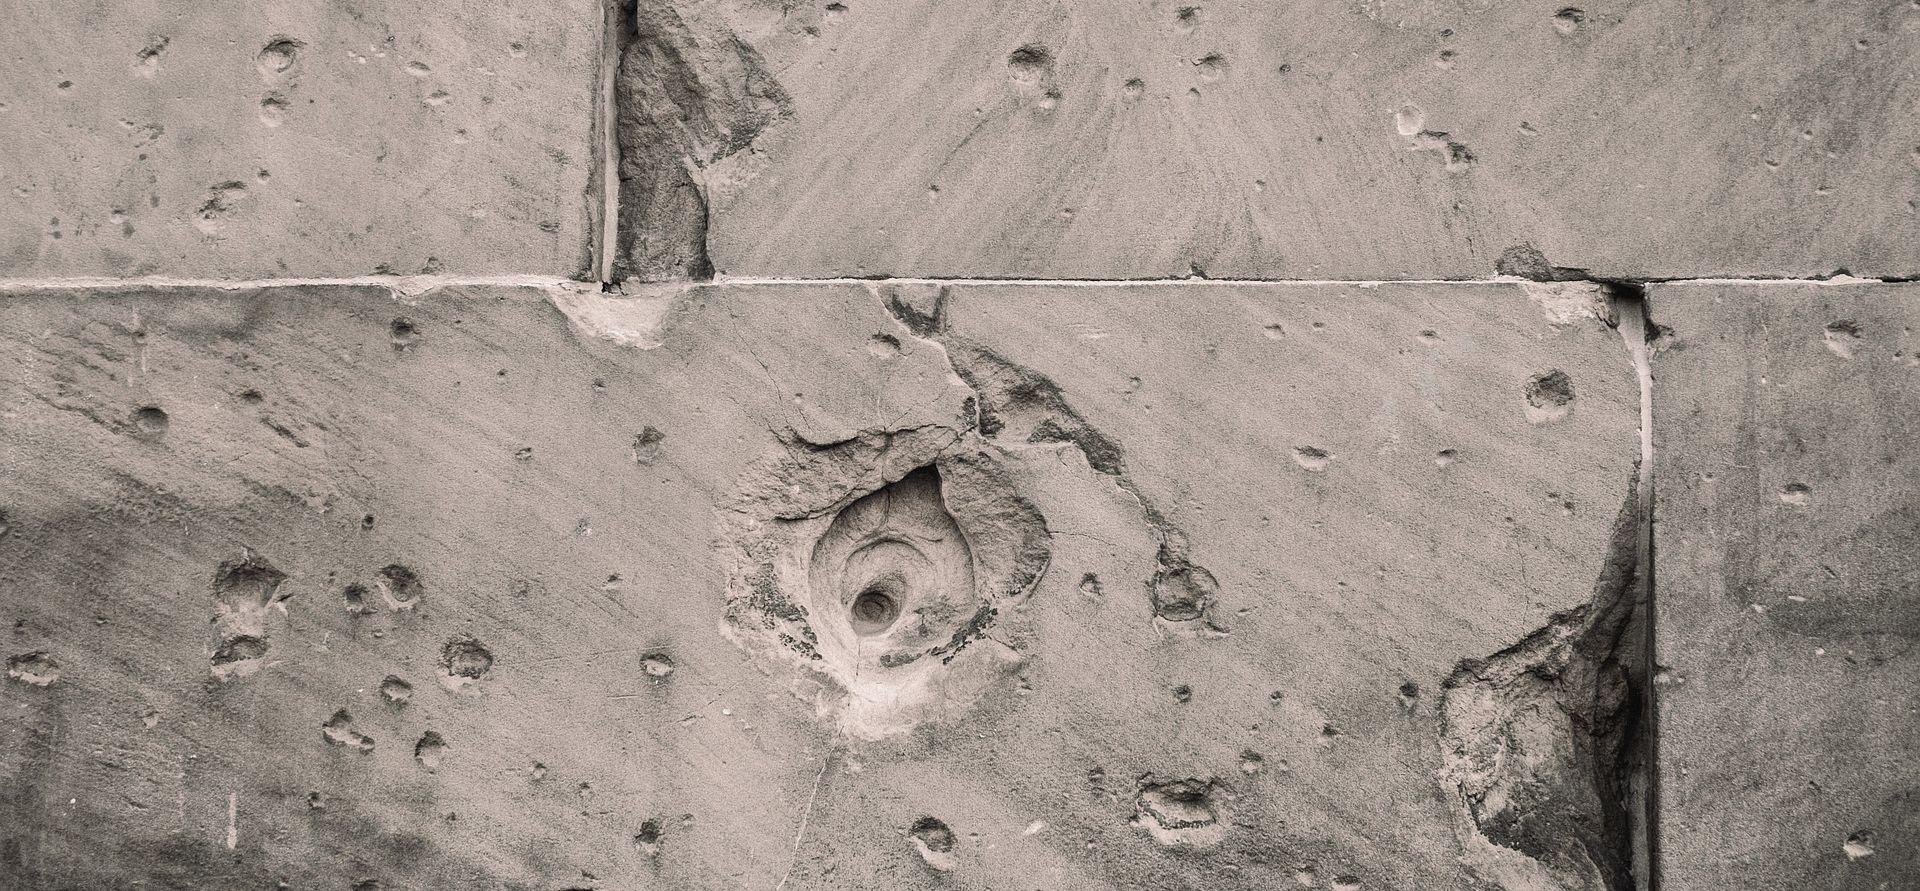 TEŠKA NESREĆA U BIRMINGHAMU Petorica muškaraca poginula, na njih se srušio ogroman betonski zid